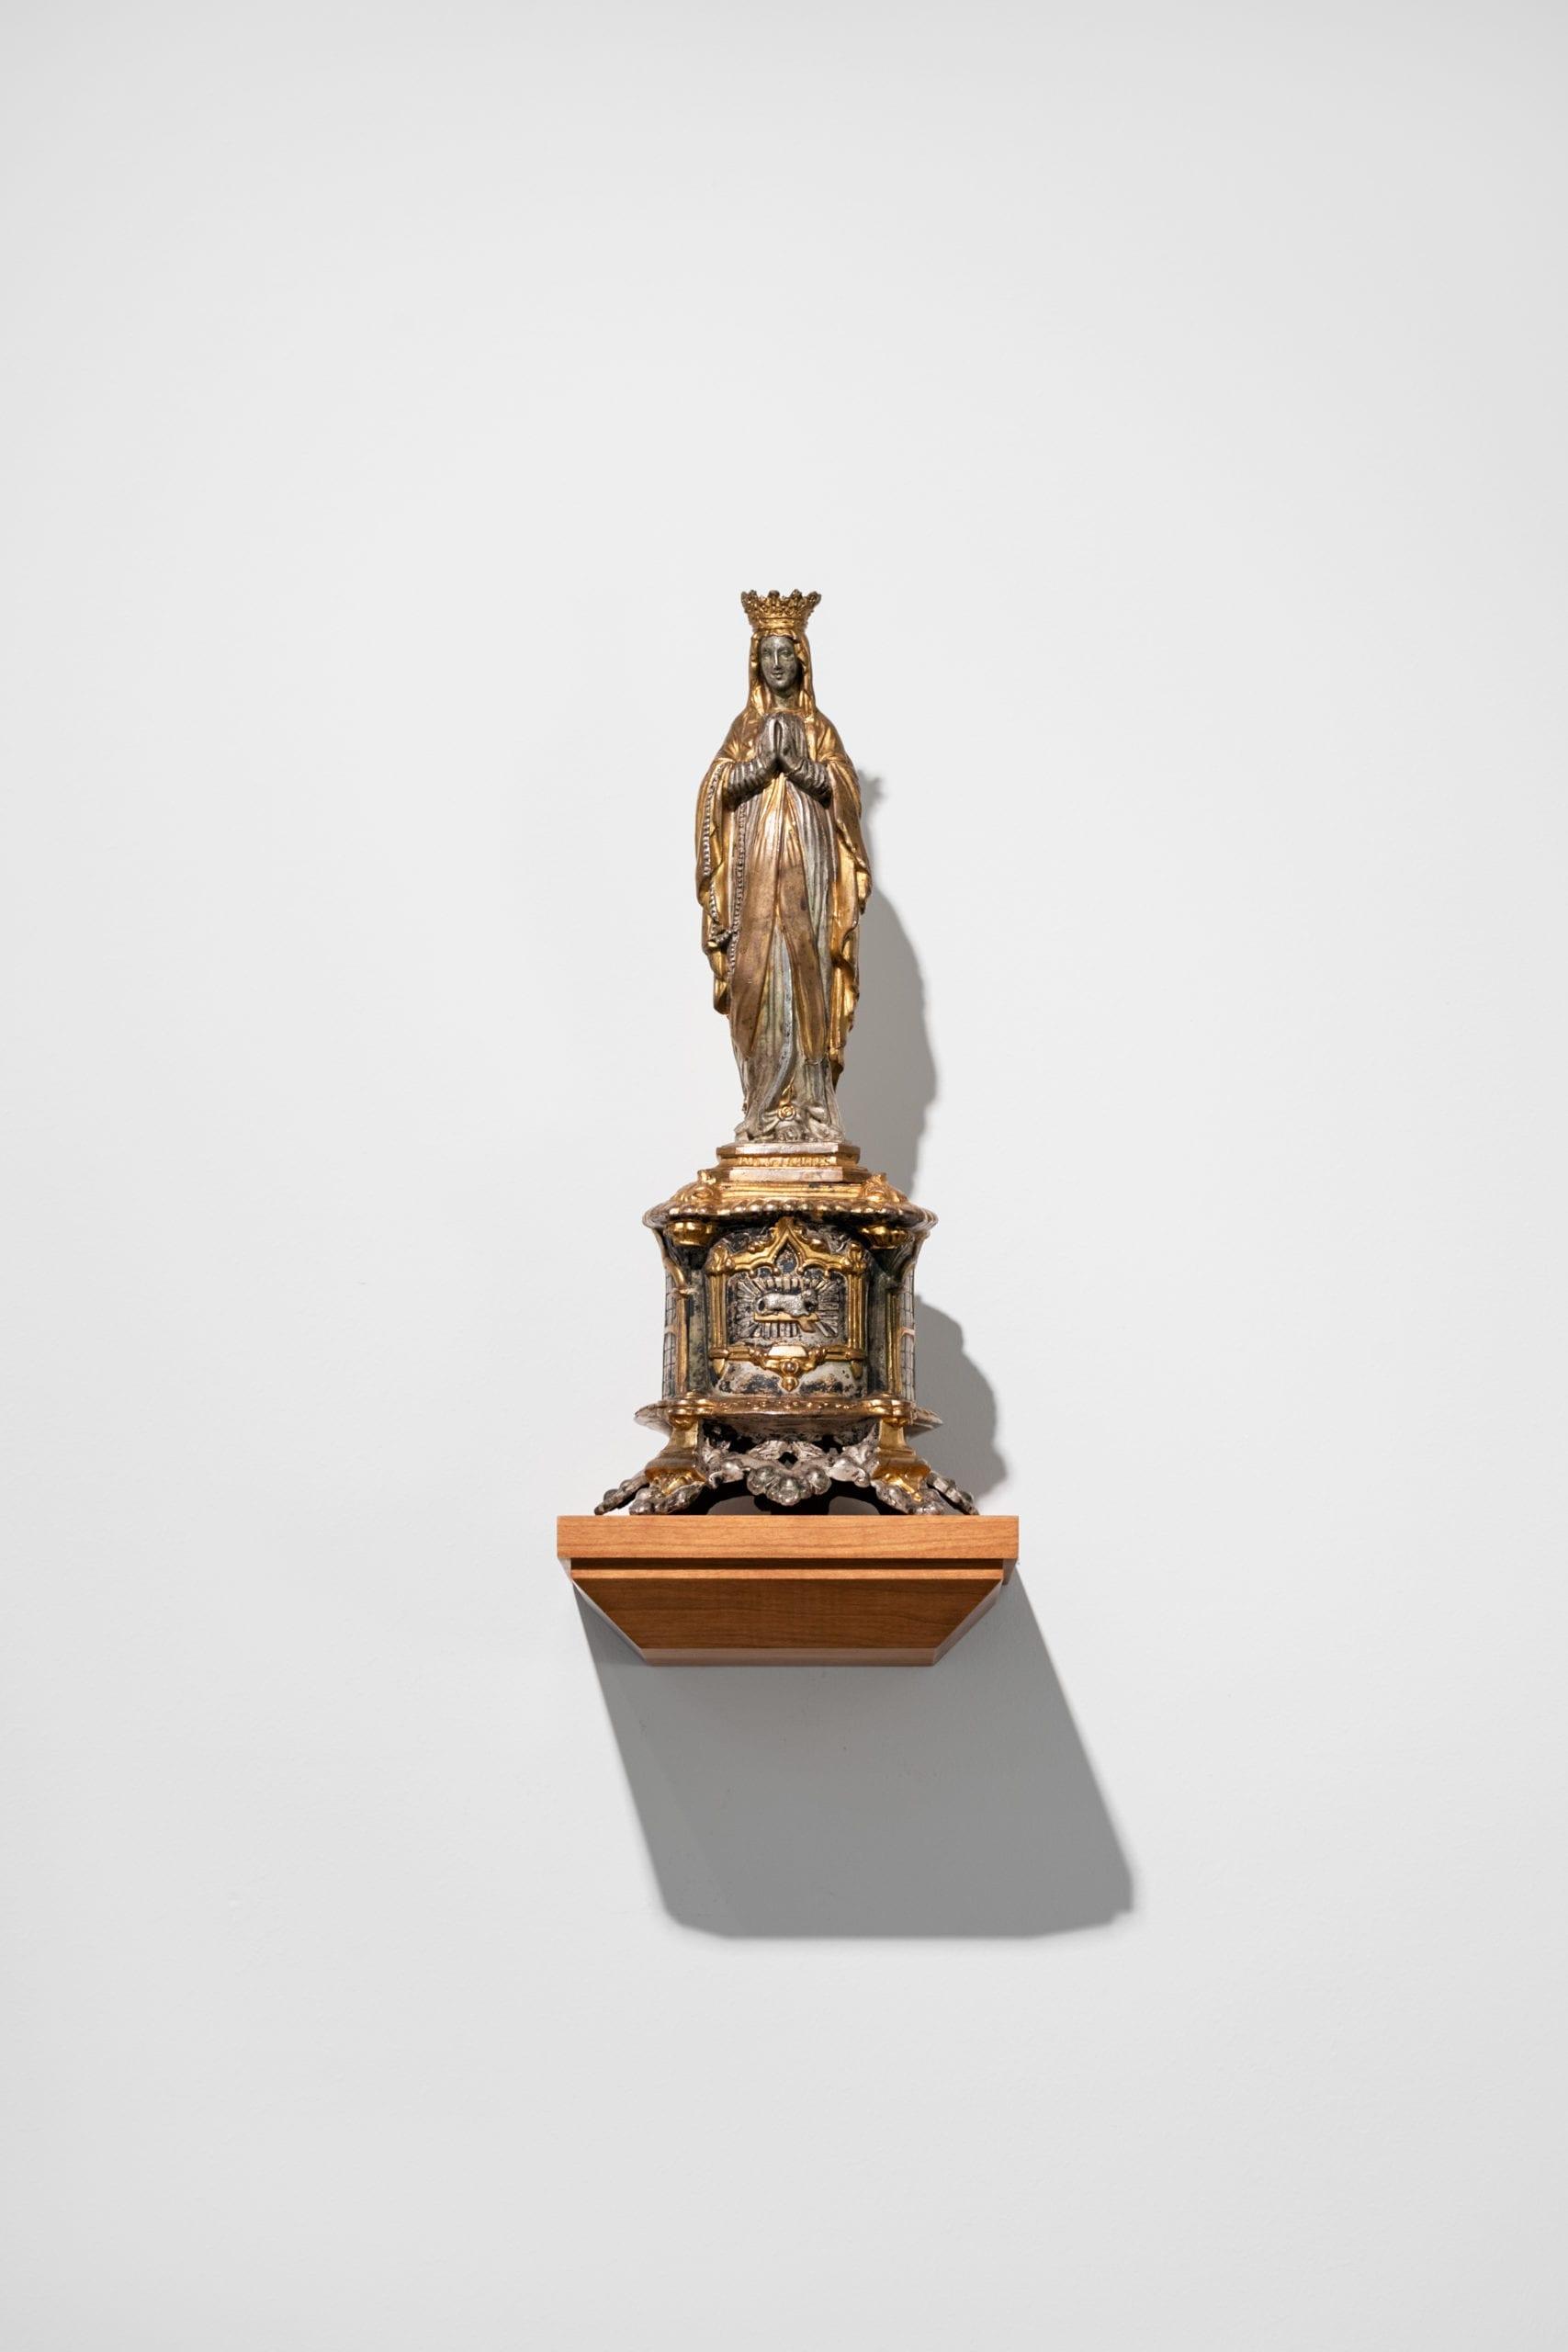 Unbekannter Künstler (Frankreich) – Titel unbekannt